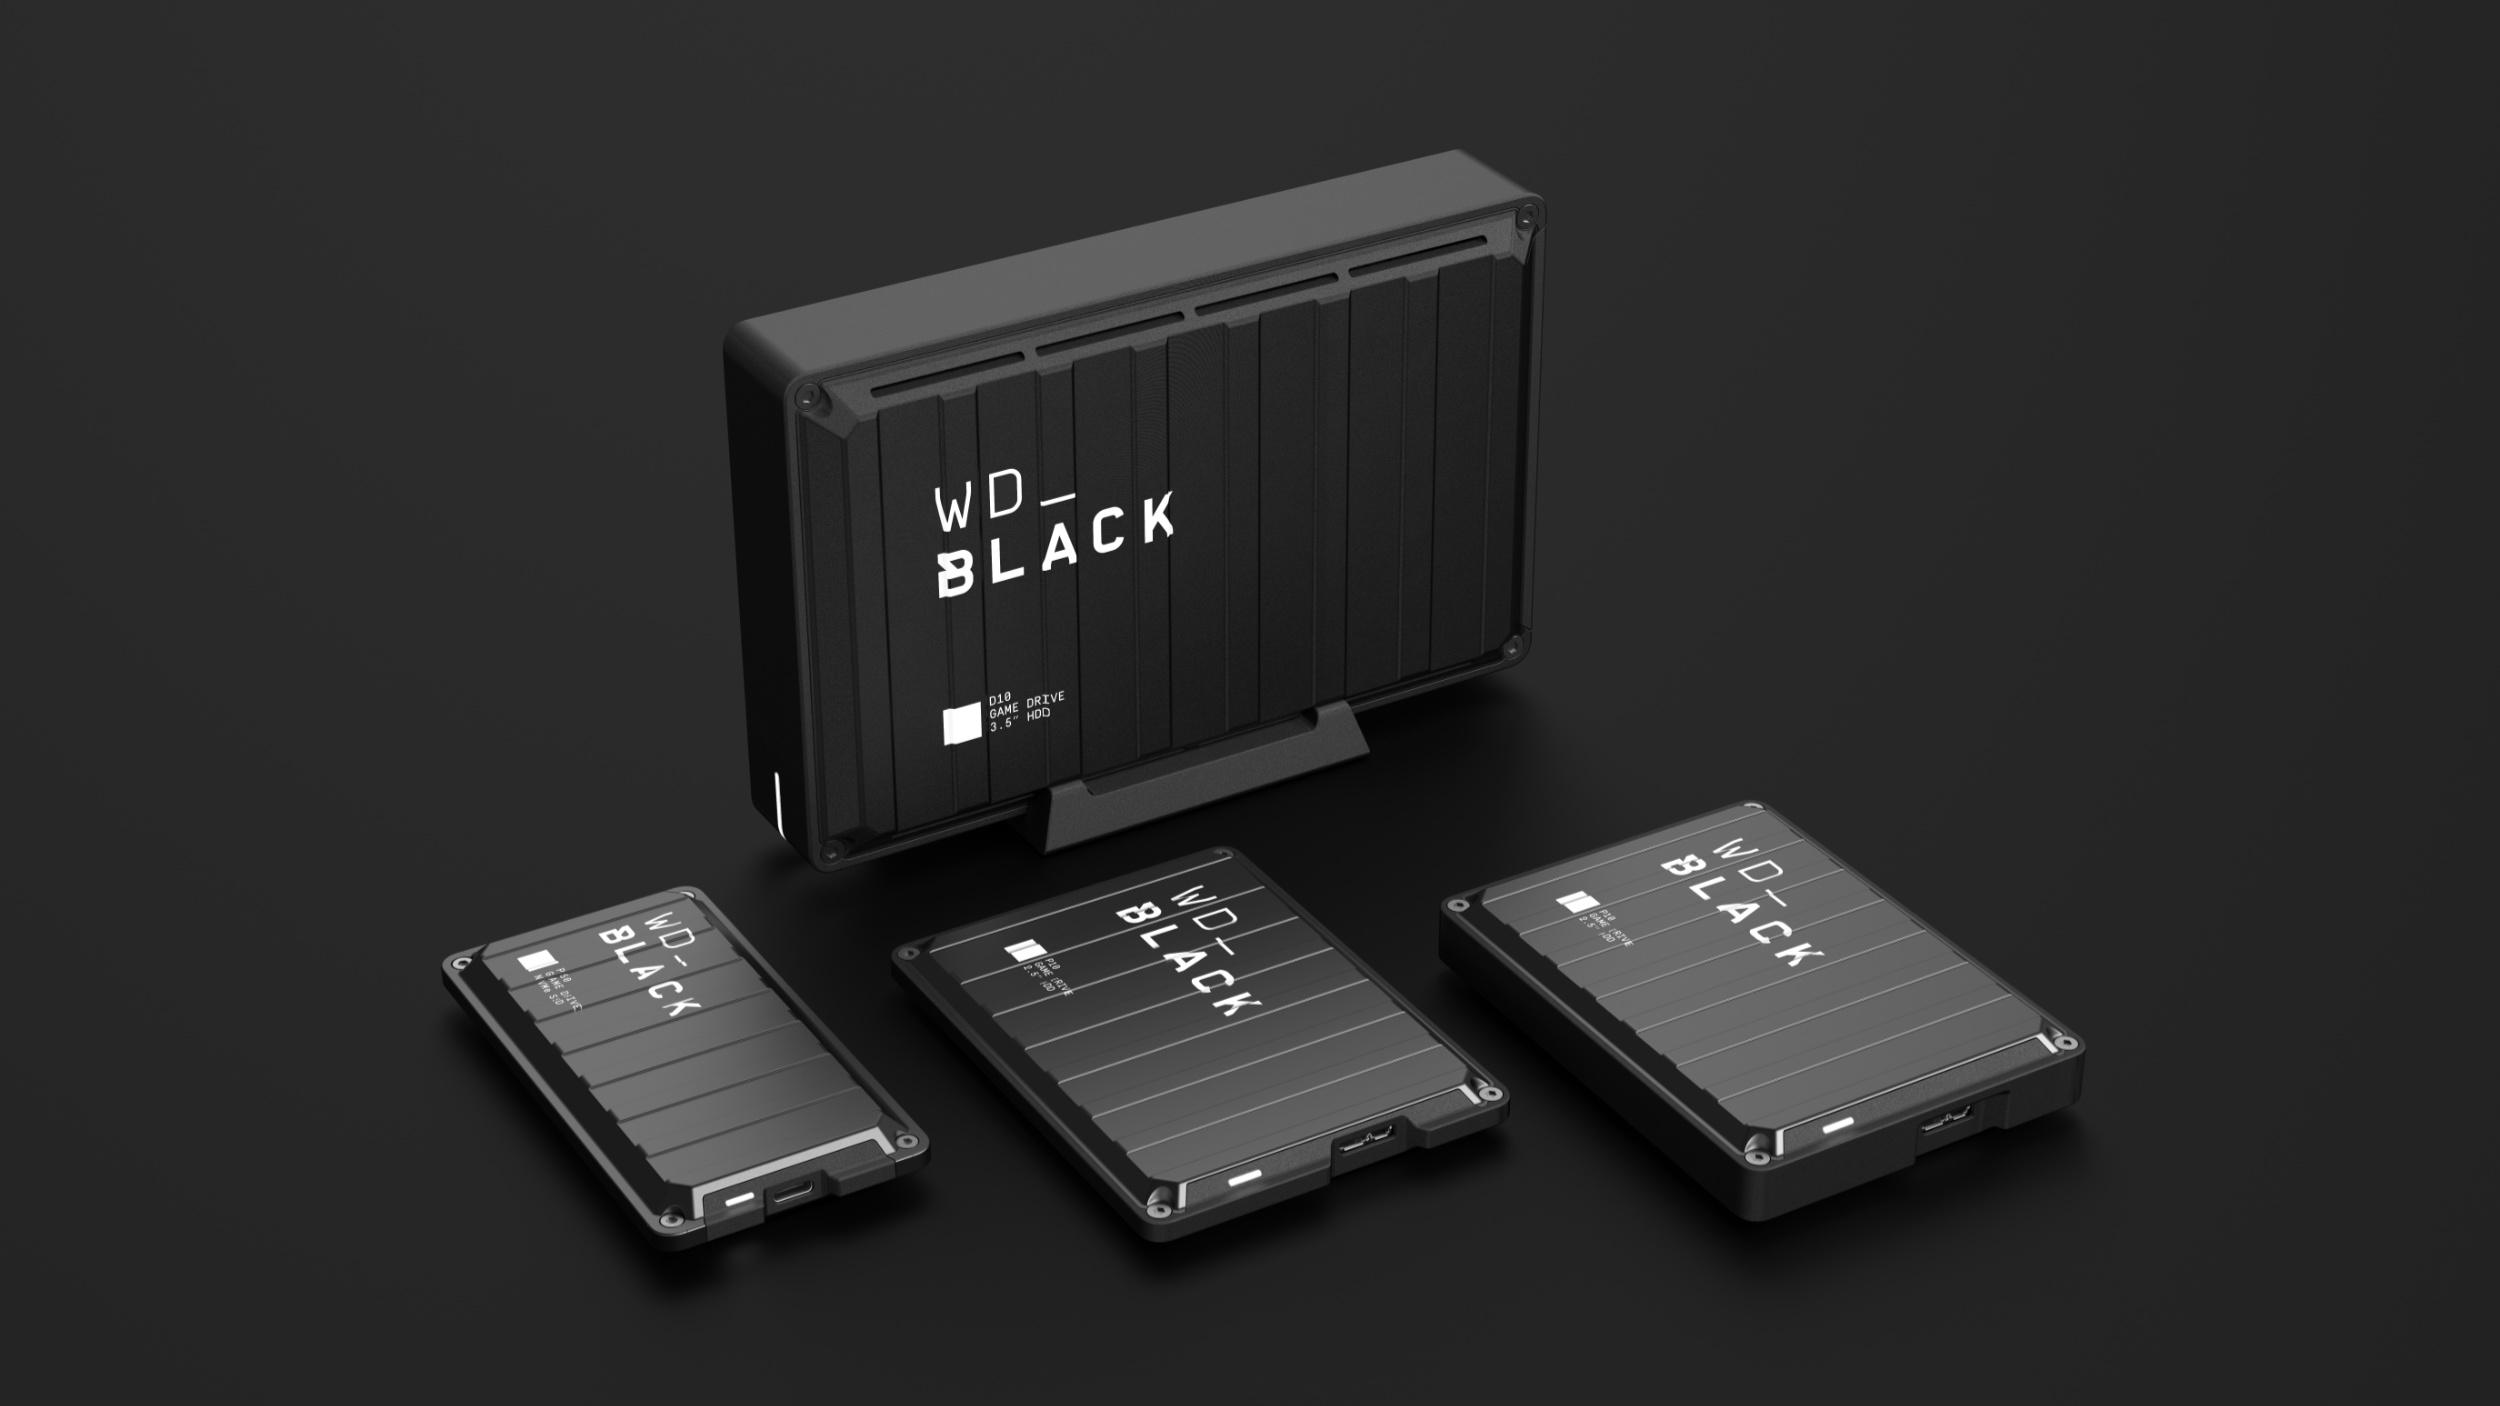 Nowa seria dysków WD Black